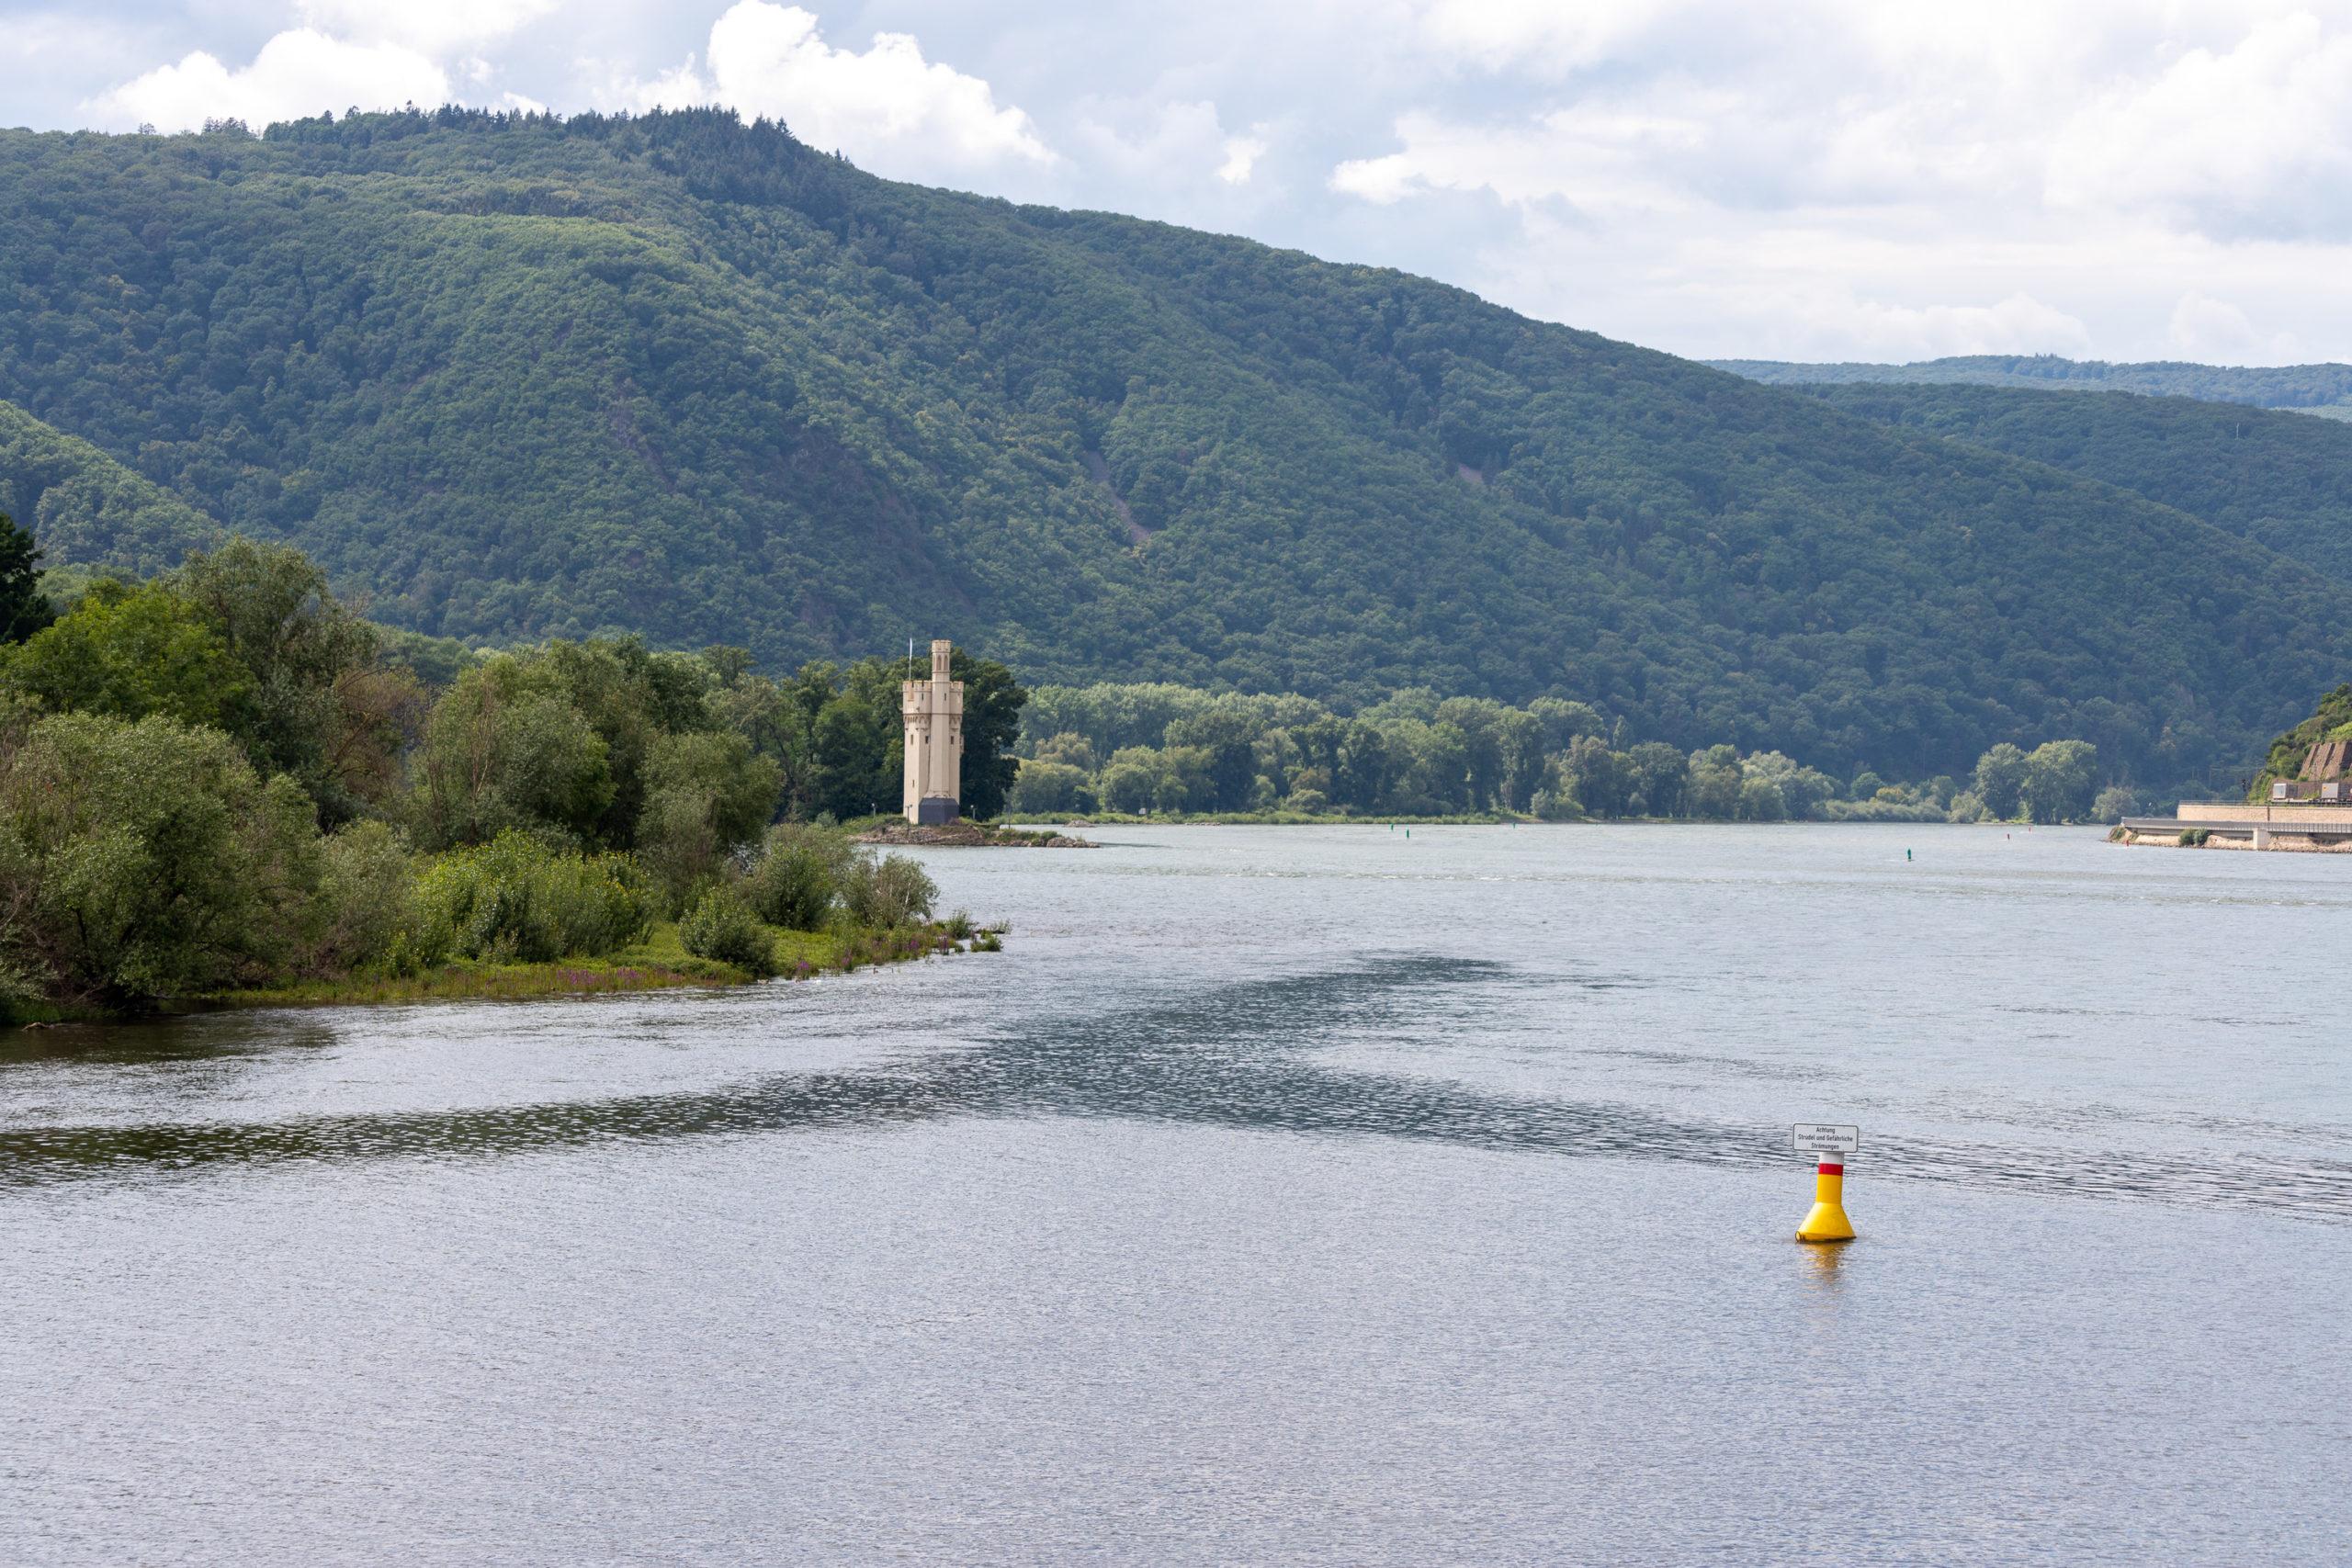 Viel Wasser, im Hintergrund ein Turm auf einer Rheininsel, im Vordergrund noch eine kleine Boje.